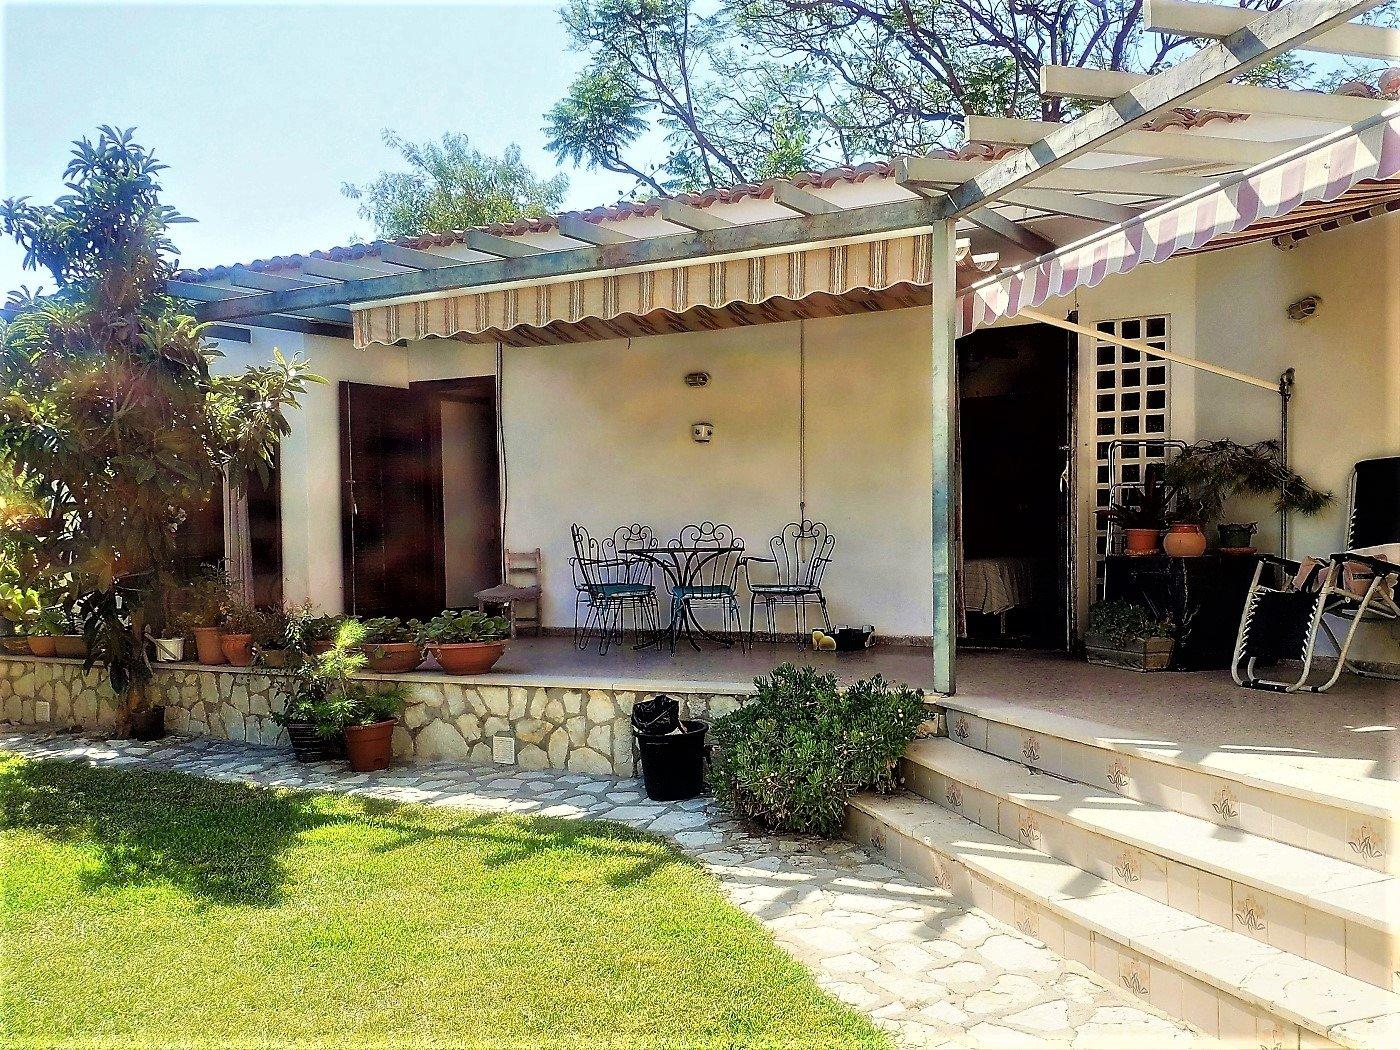 Casa  San juan alicante ,la font. Chalet inpendiente -  la font --   san juan alicante